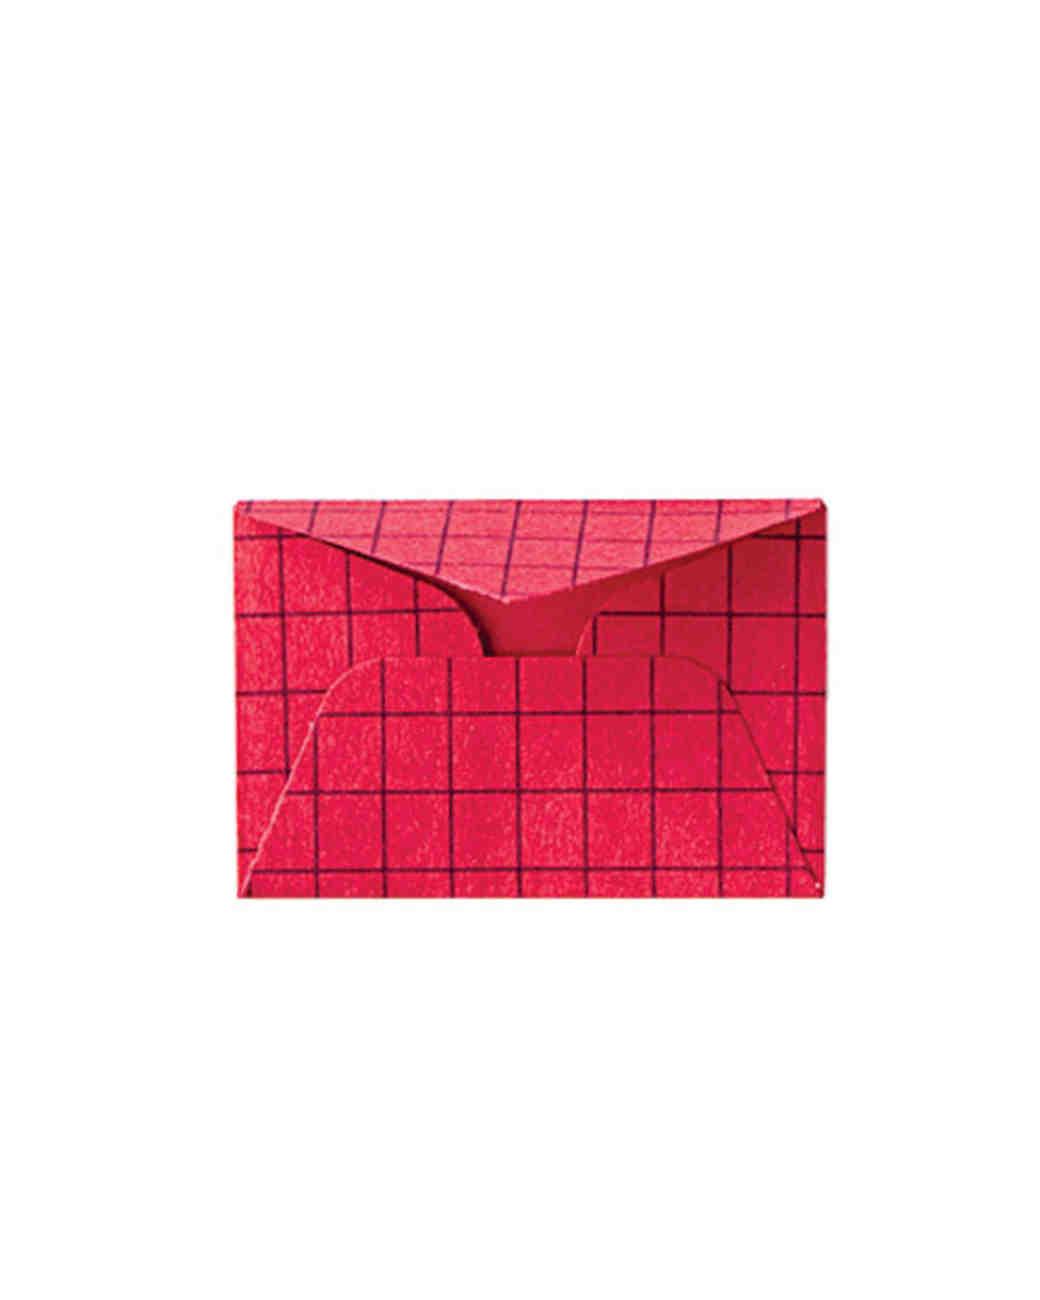 mwd105762_sum10_envelope2.jpg